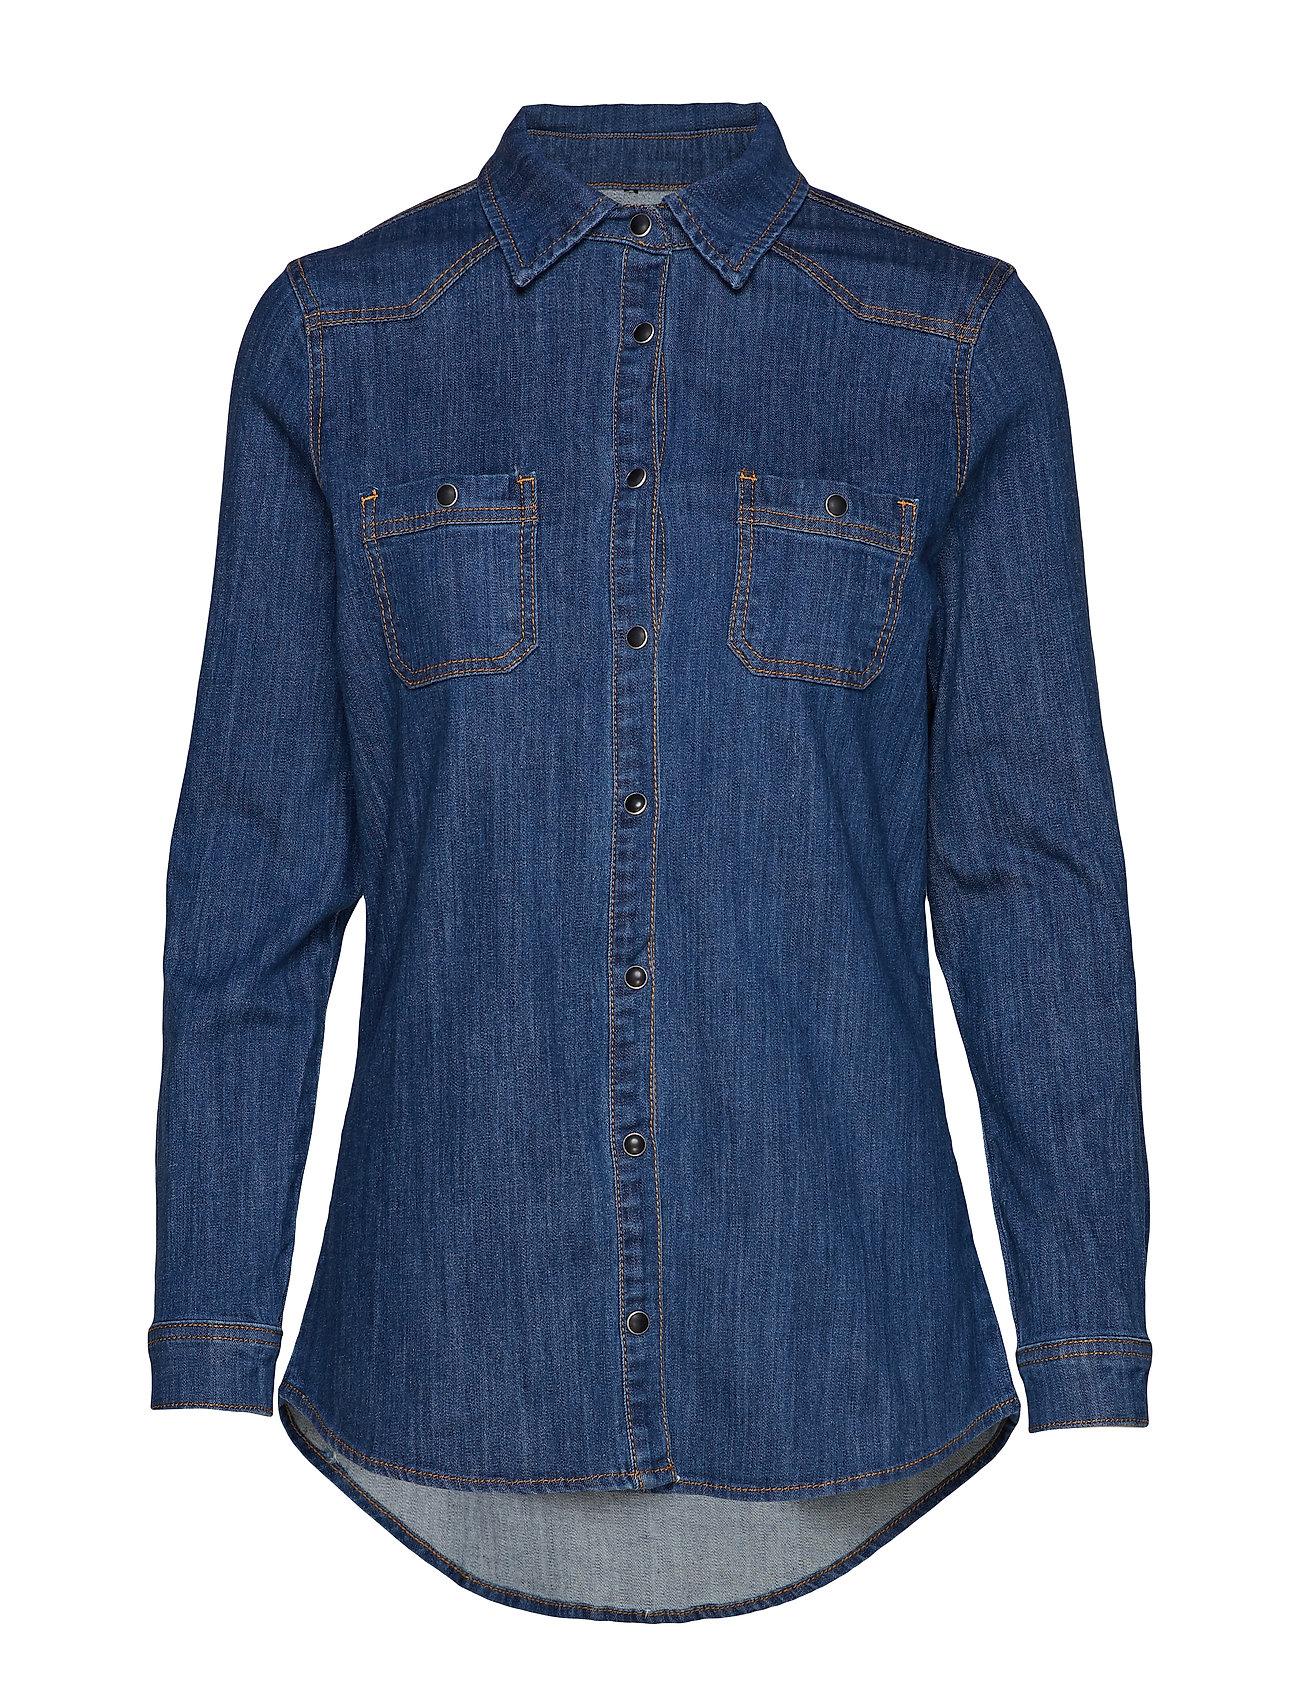 Light Denimdark Dhfortuna WashHunter Shirt 0k8wnPO